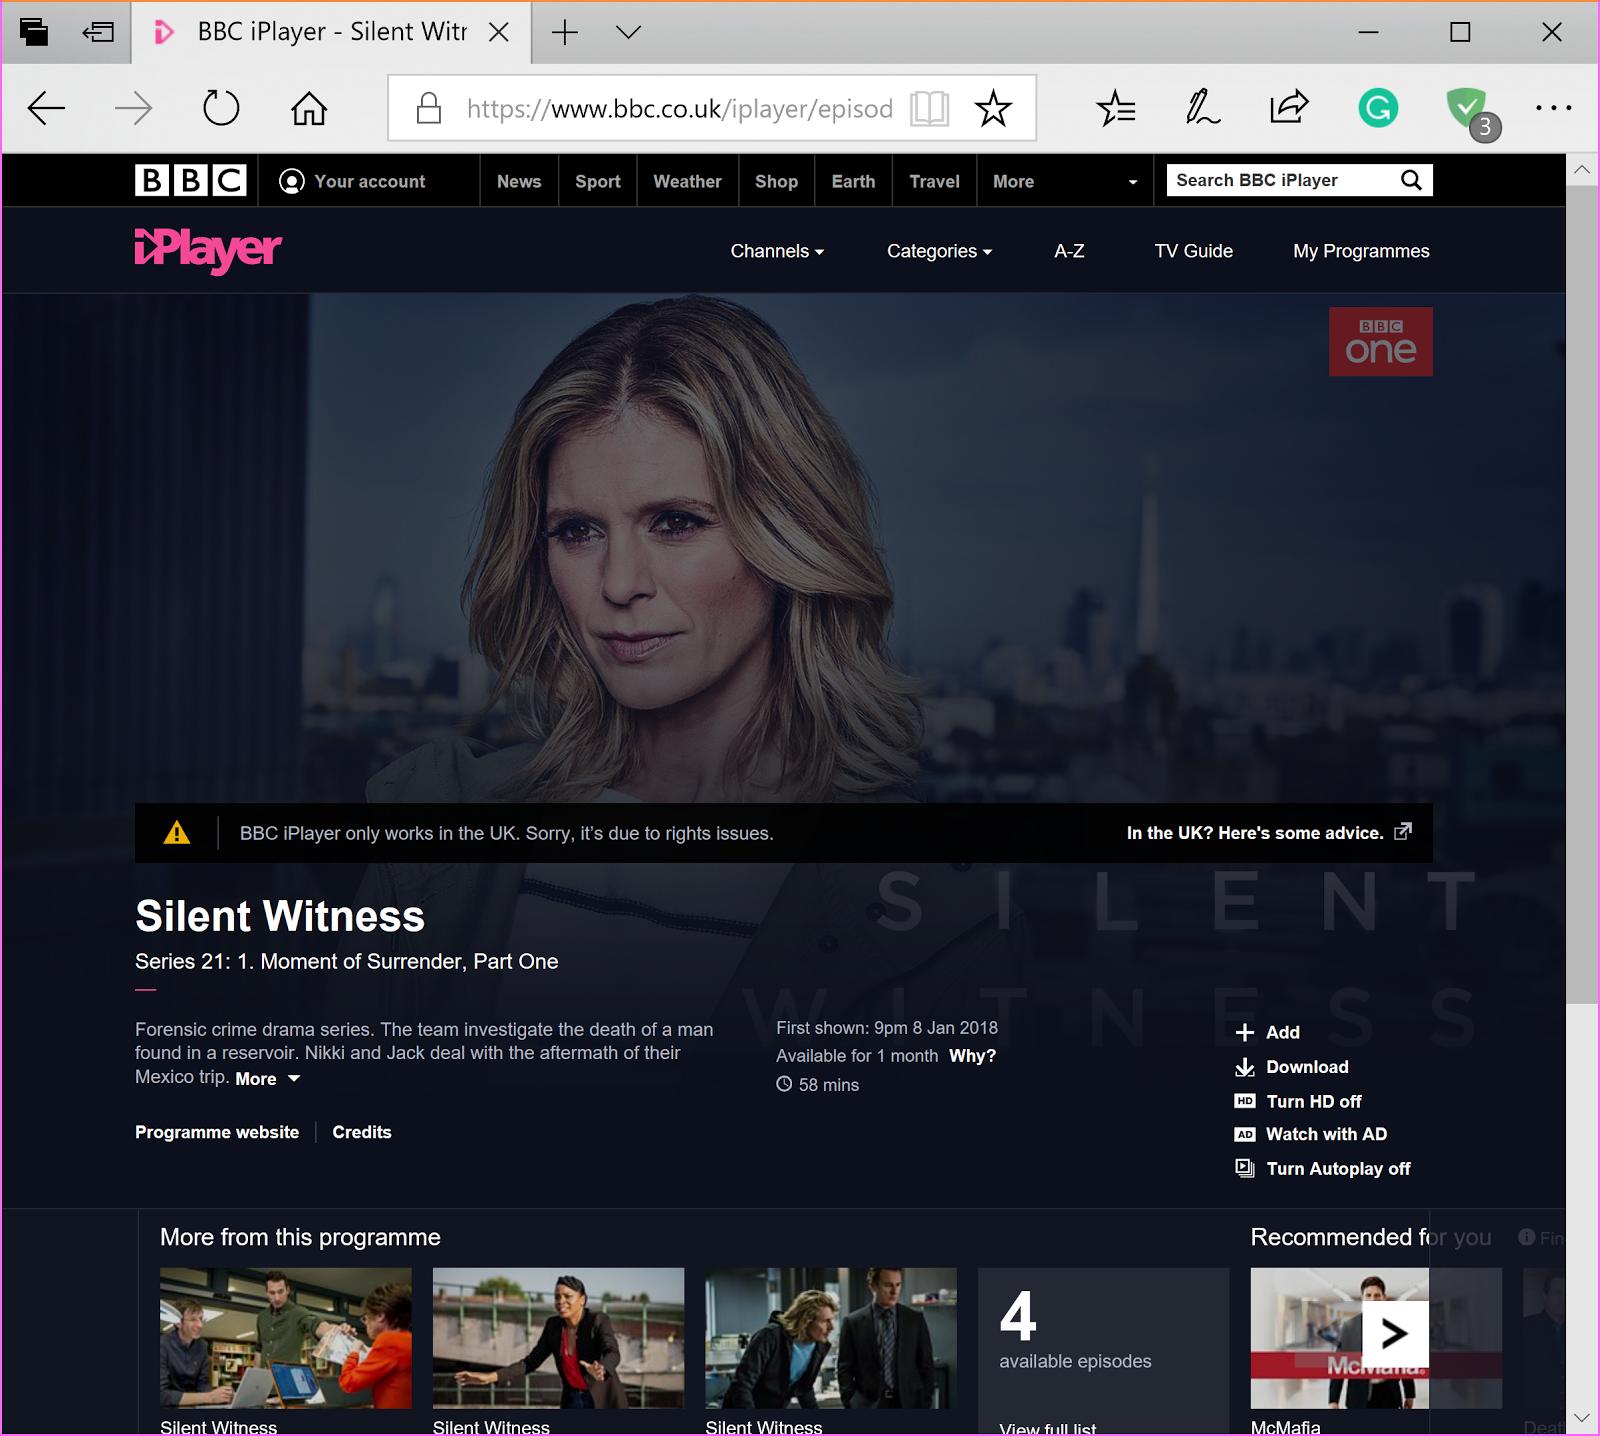 bbcsorry